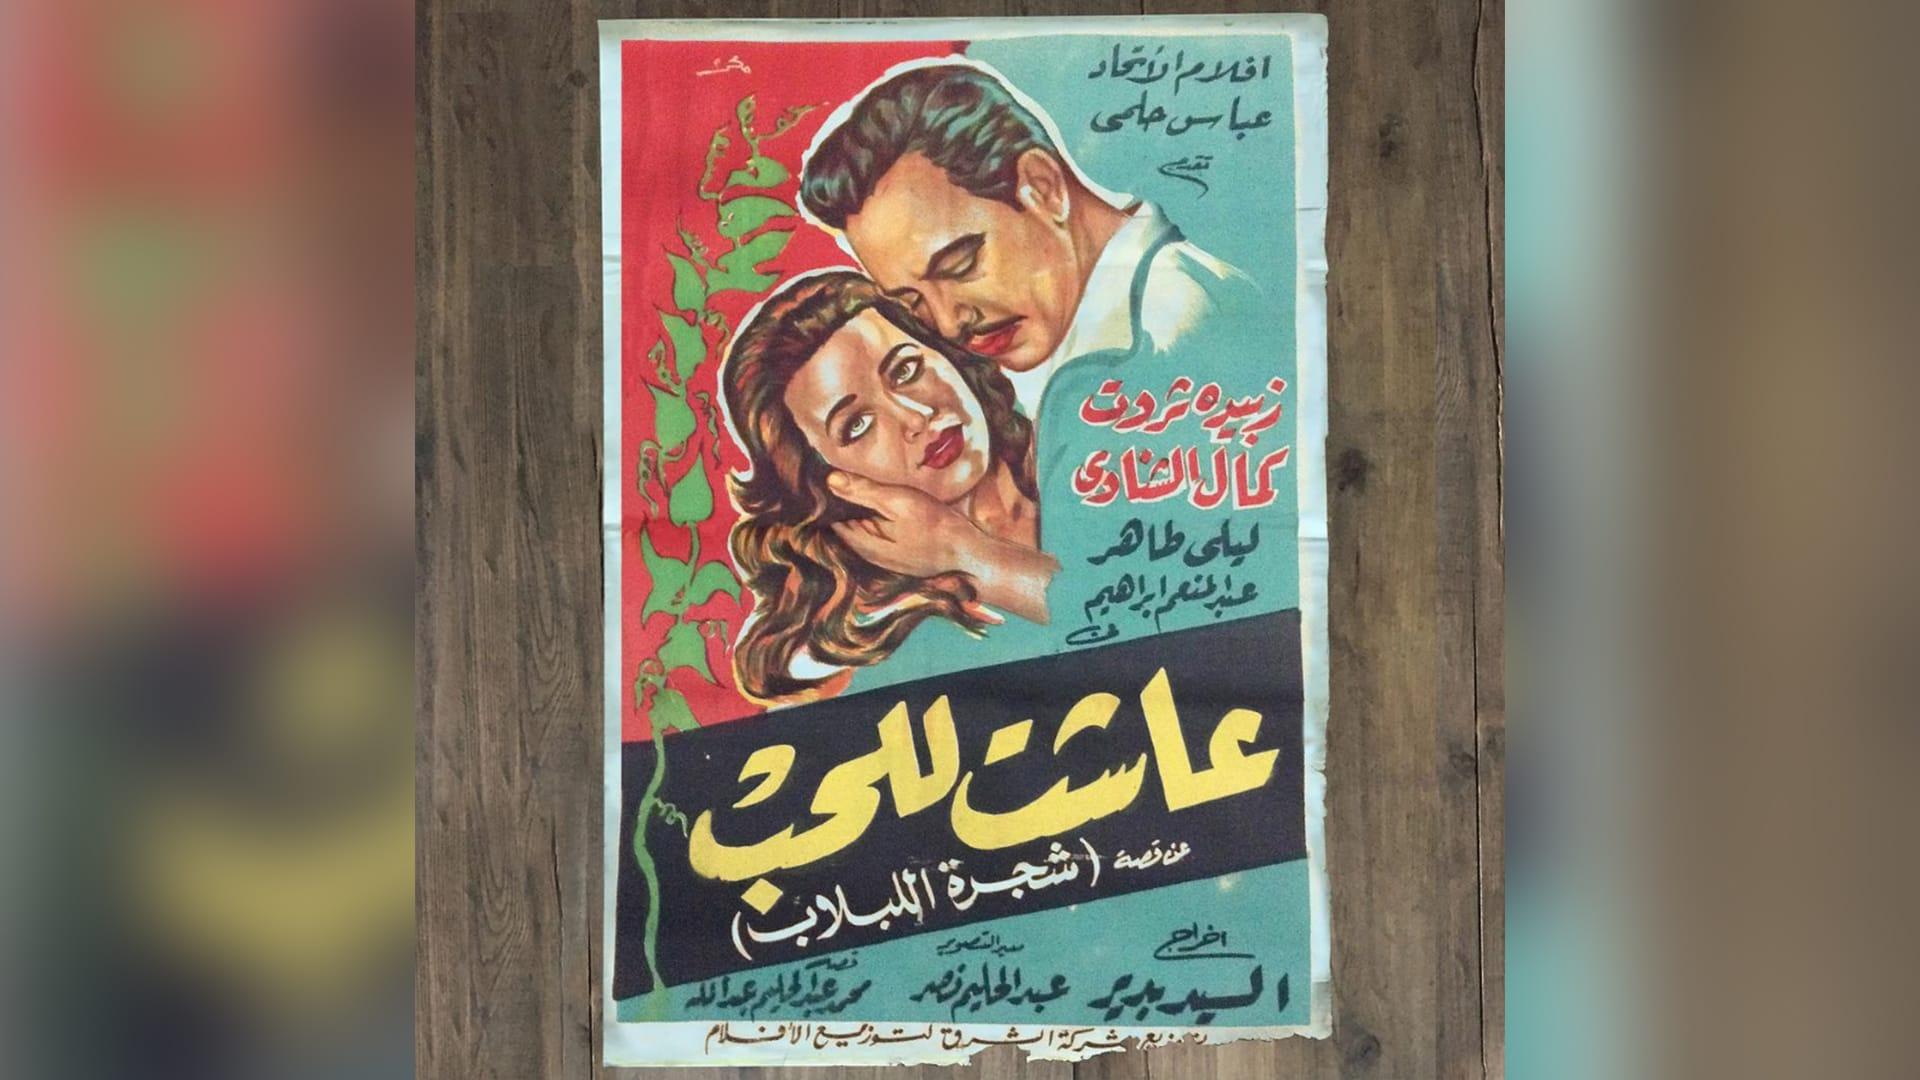 """ملصق لفيلم """"عاشت للحب"""" الذي عُرض في العام 1959."""